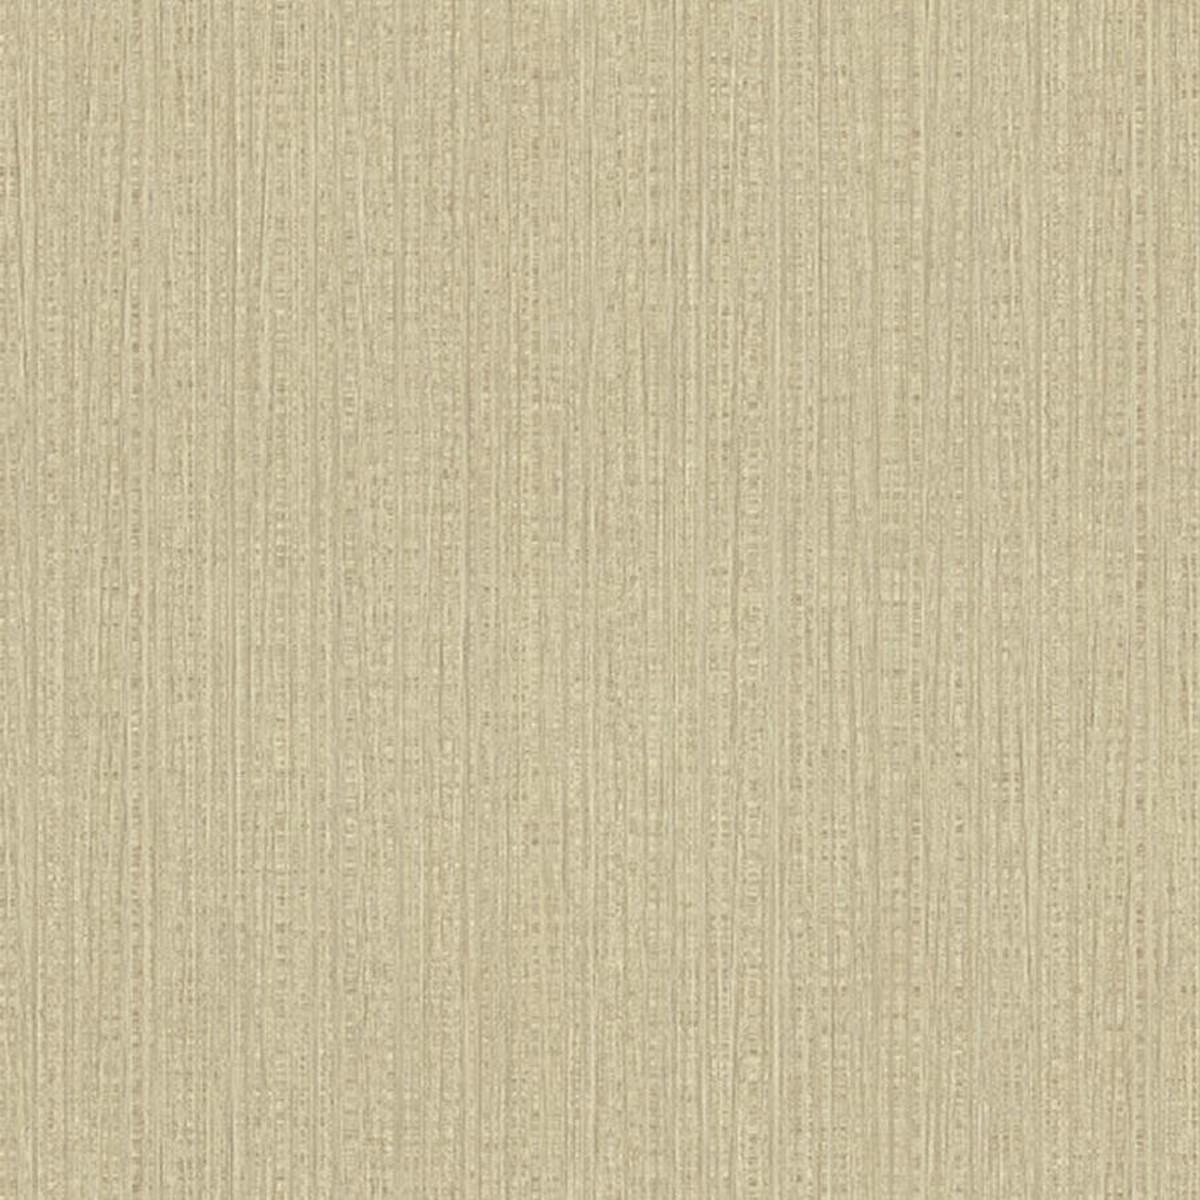 Обои флизелиновые Rasch Maximum XIV коричневые 1.06 м 949407